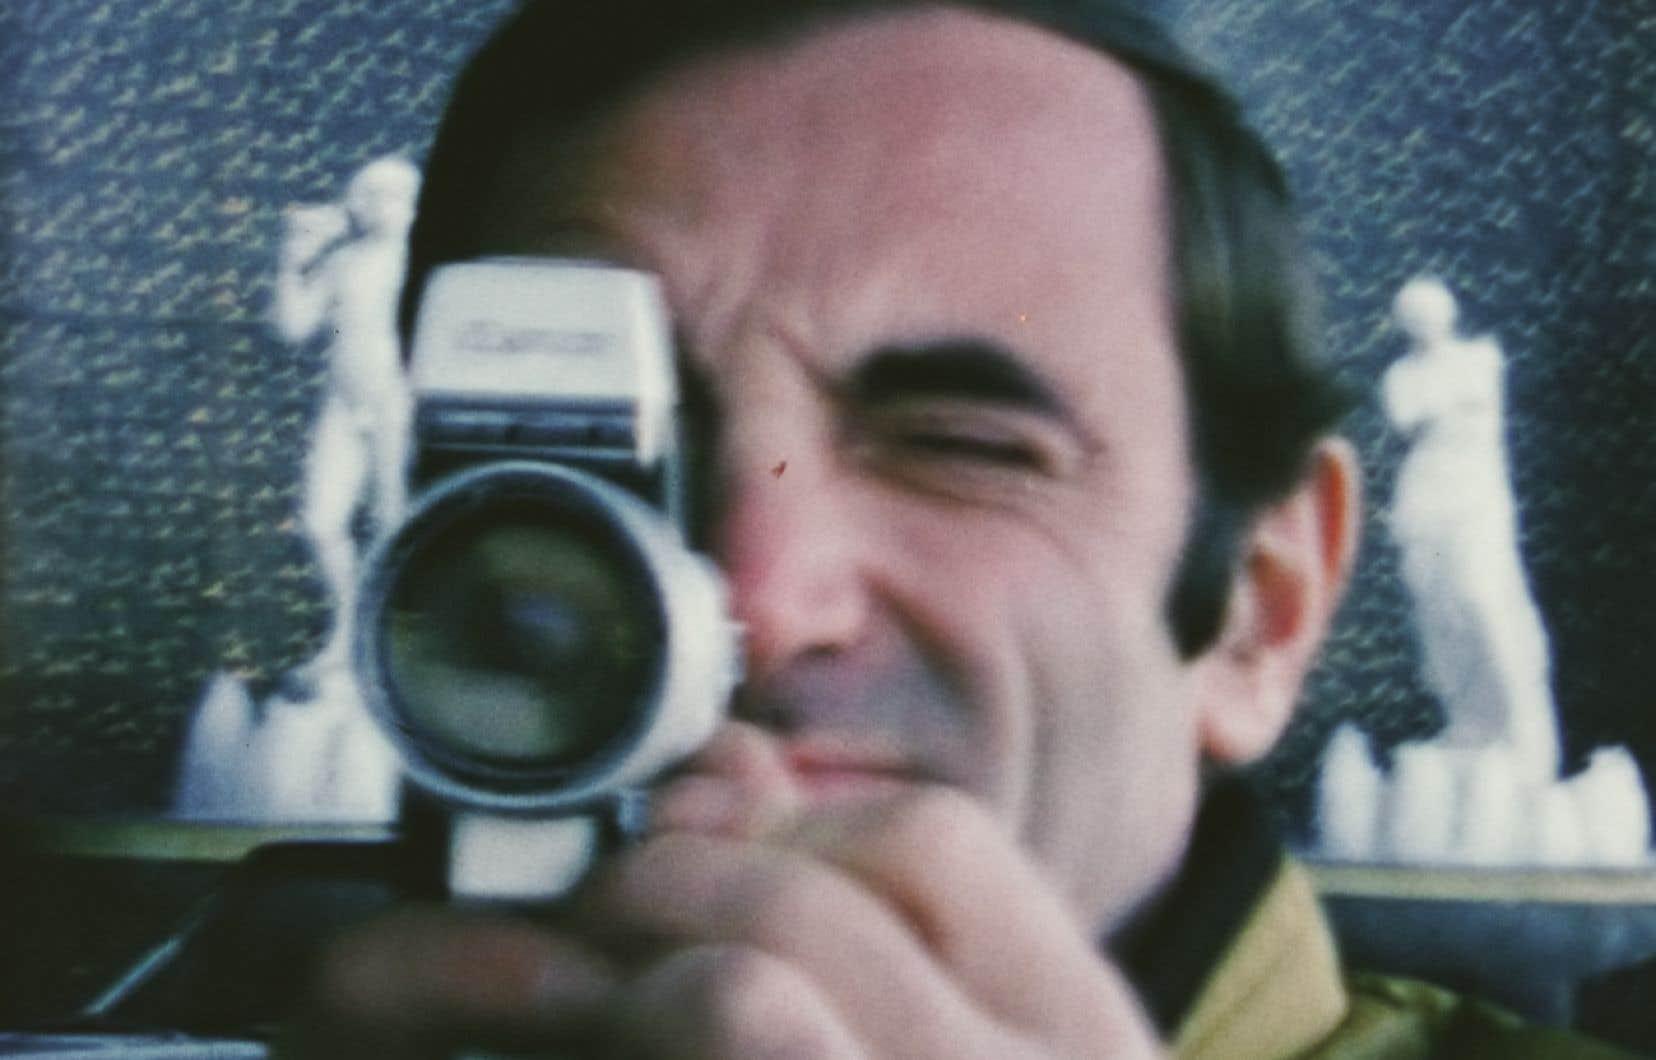 Un des fils de Charles Aznavour, Mischa, dit avoir toujours vu son père caméra au poing.